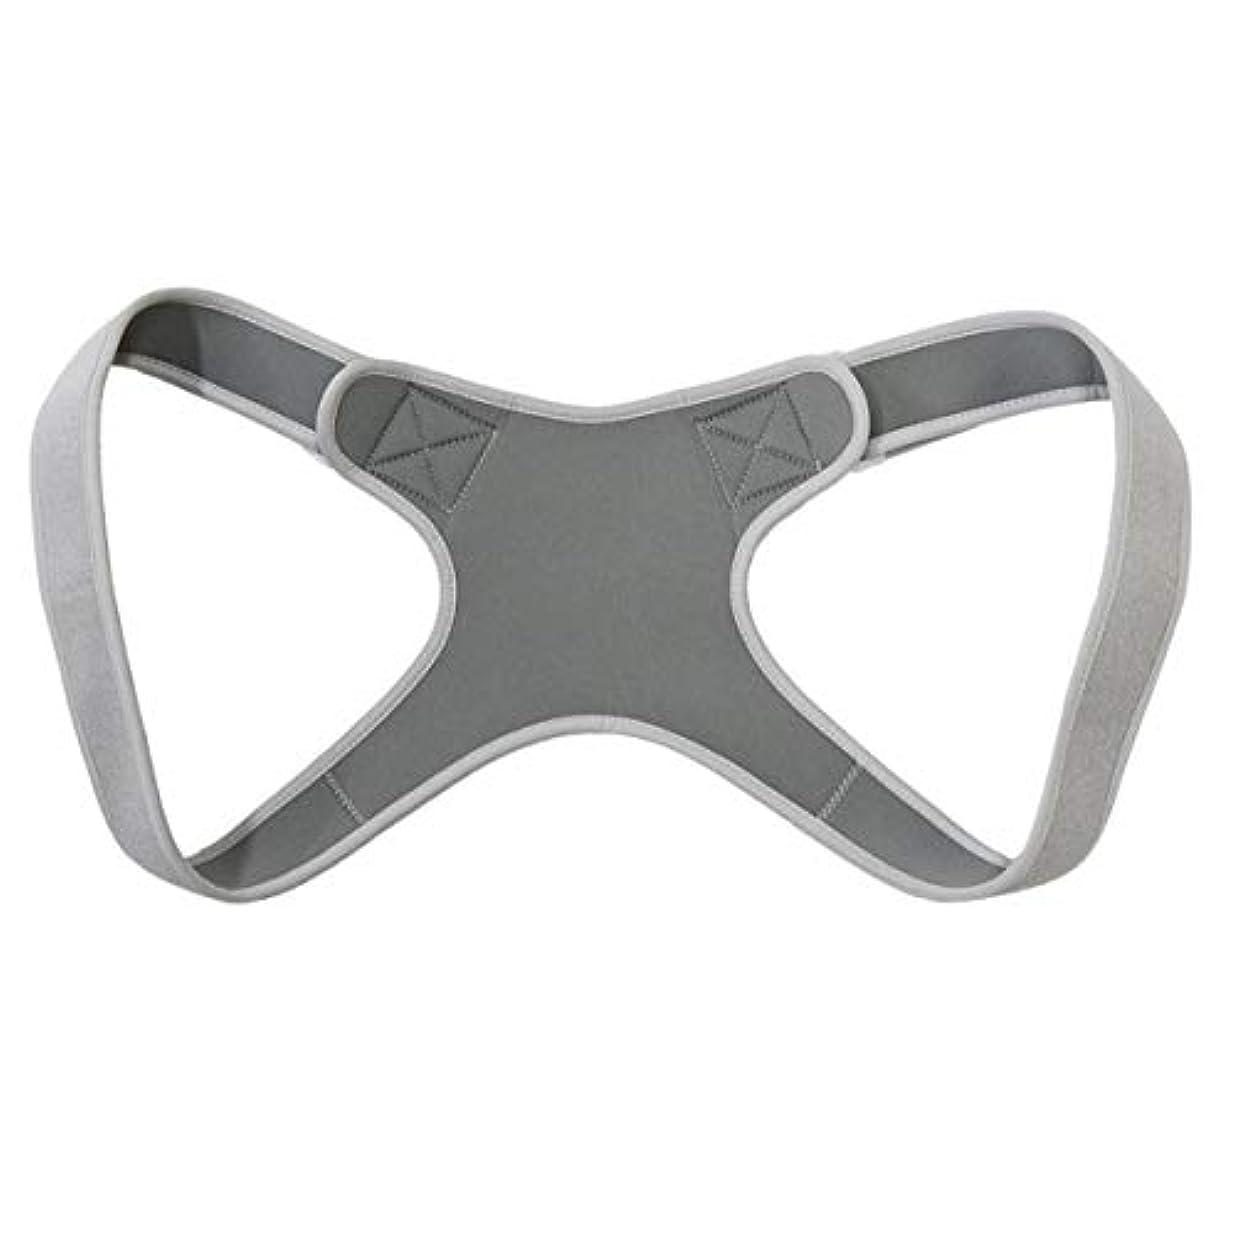 くびれた避けられないポケット新しいアッパーバックポスチャーコレクター姿勢鎖骨サポートコレクターバックストレートショルダーブレースストラップコレクター - グレー